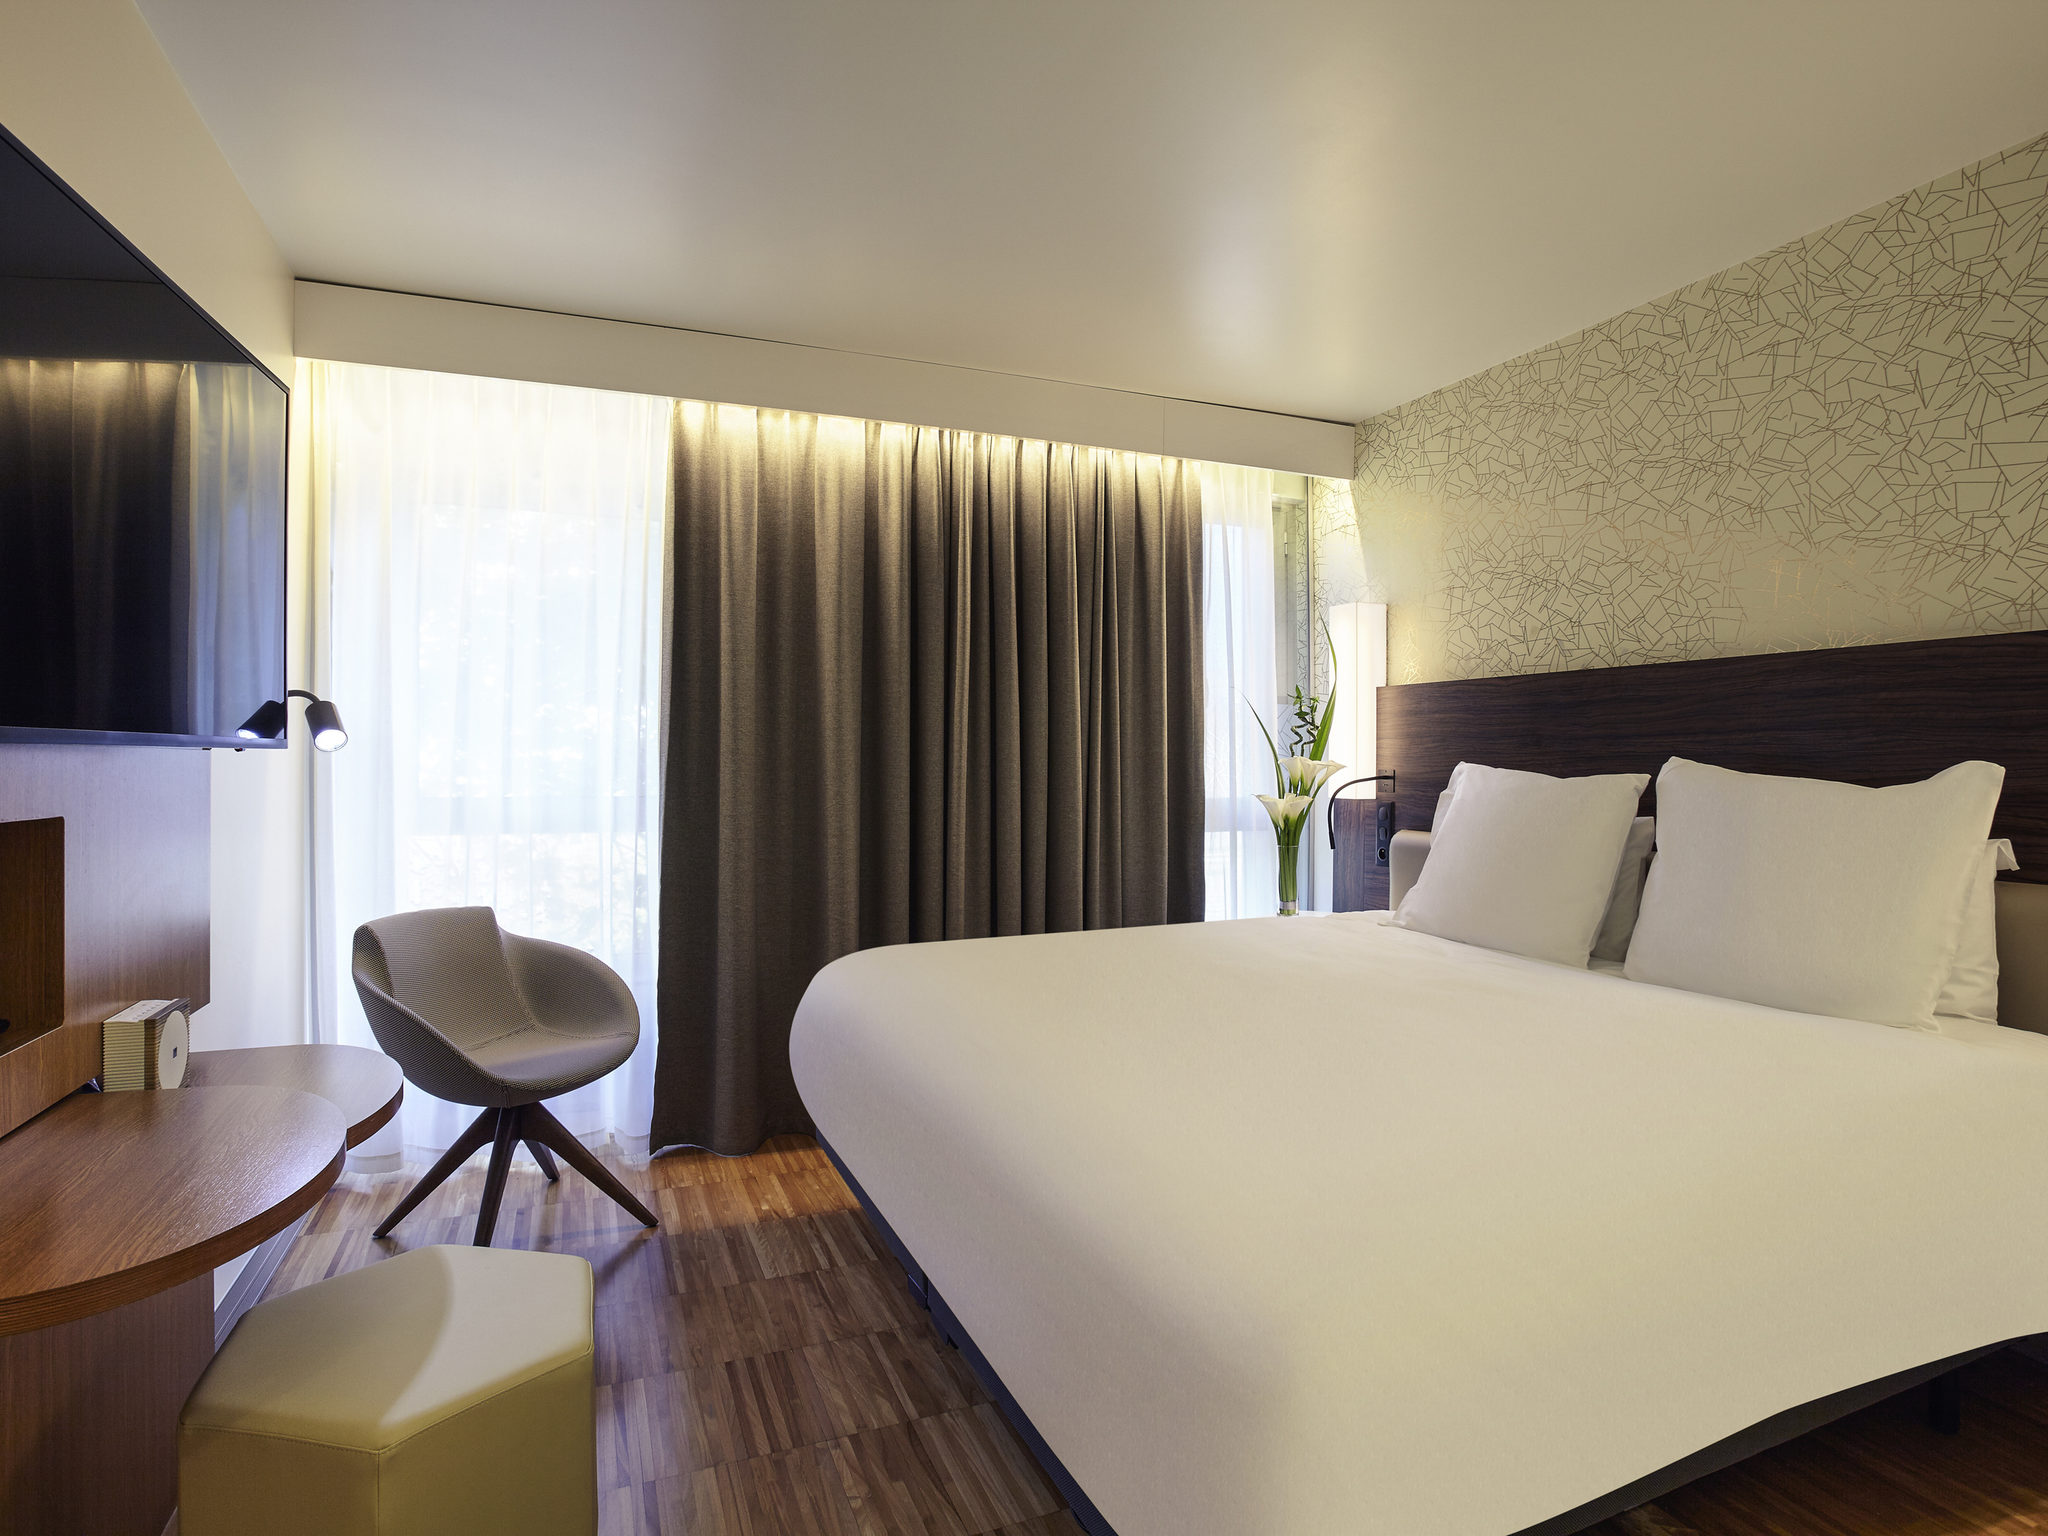 فندق - مركيور Mercure باريس آرك دو تريونف إيتوال